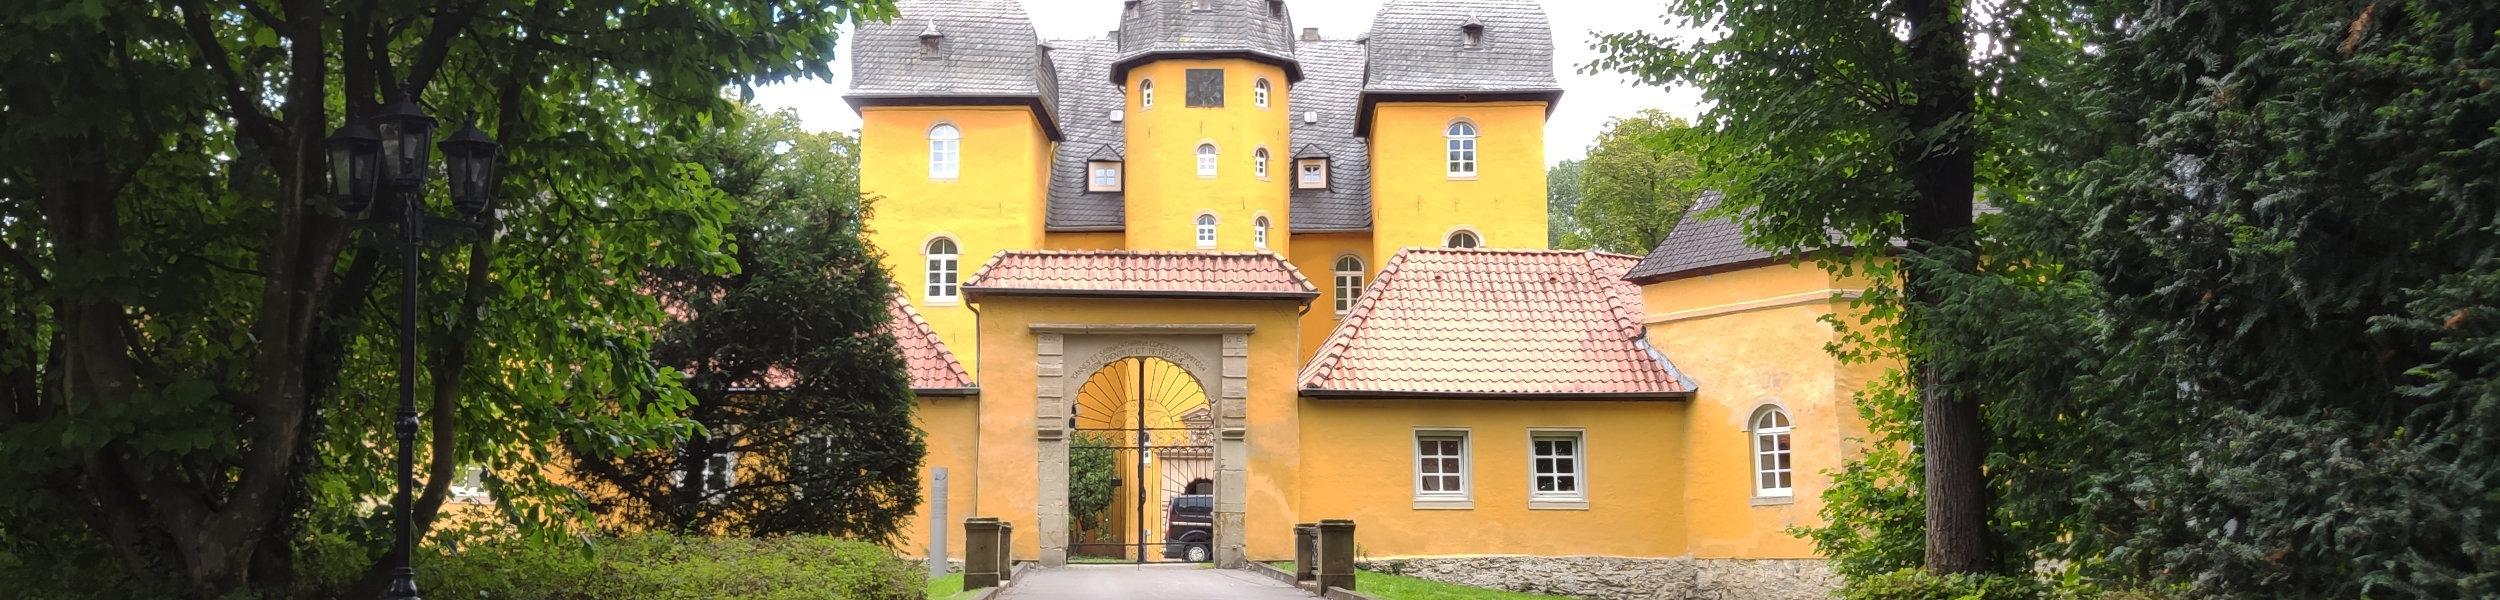 Schloss Holte in Schloß Holte Stukenbrock